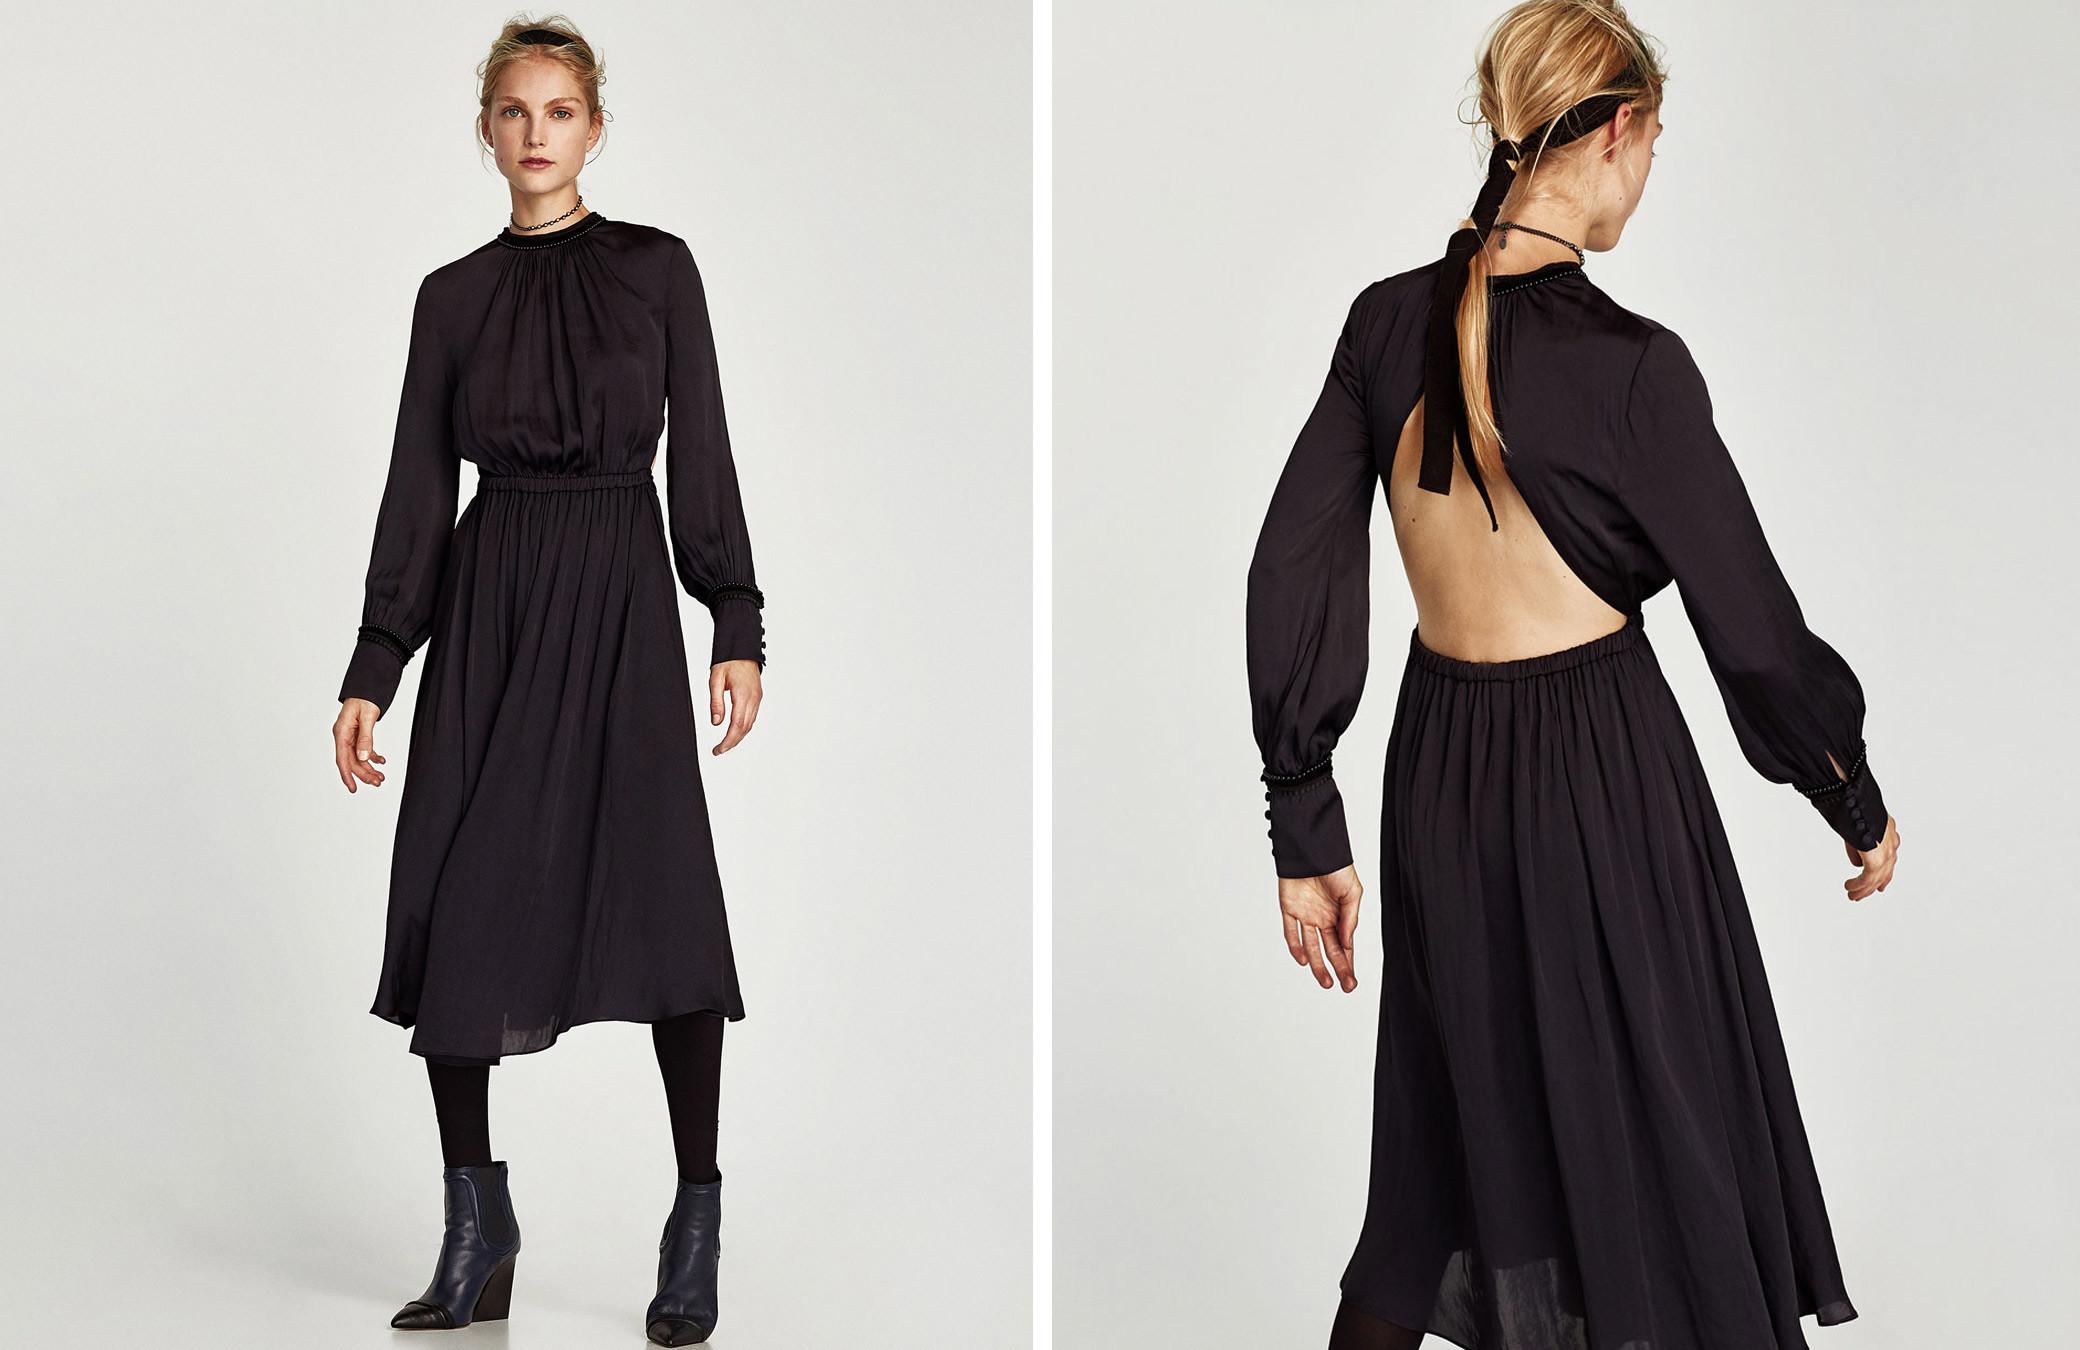 hero_zara-backless-dress@2x.jpg